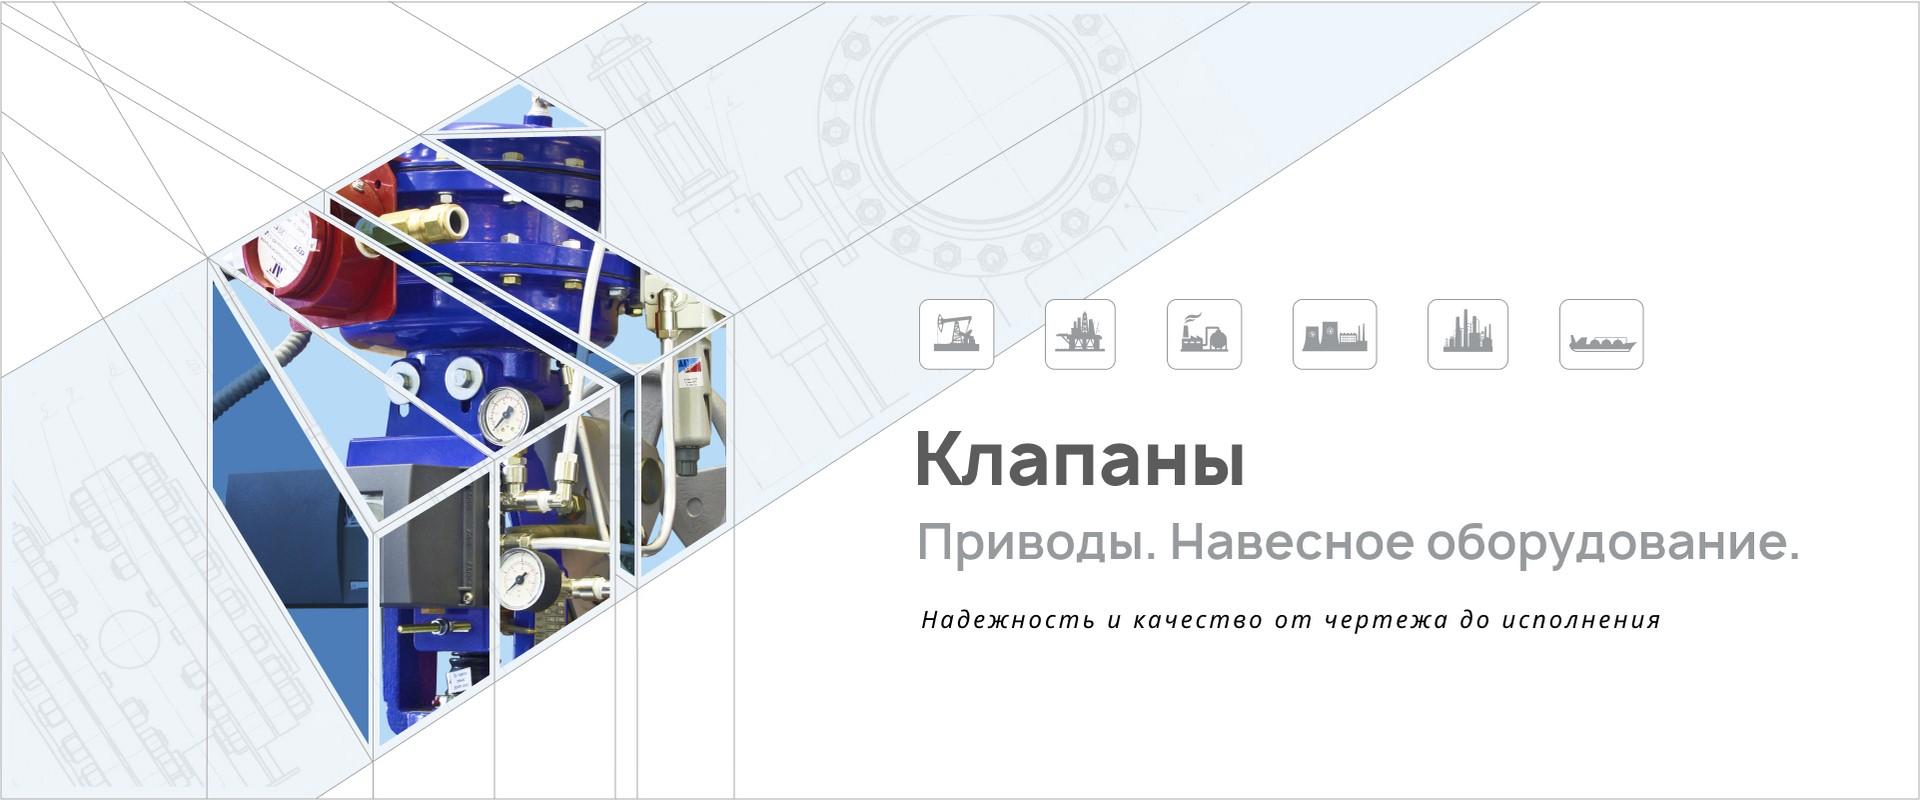 Российский производитель клапанов, приводов, навесного оборудования